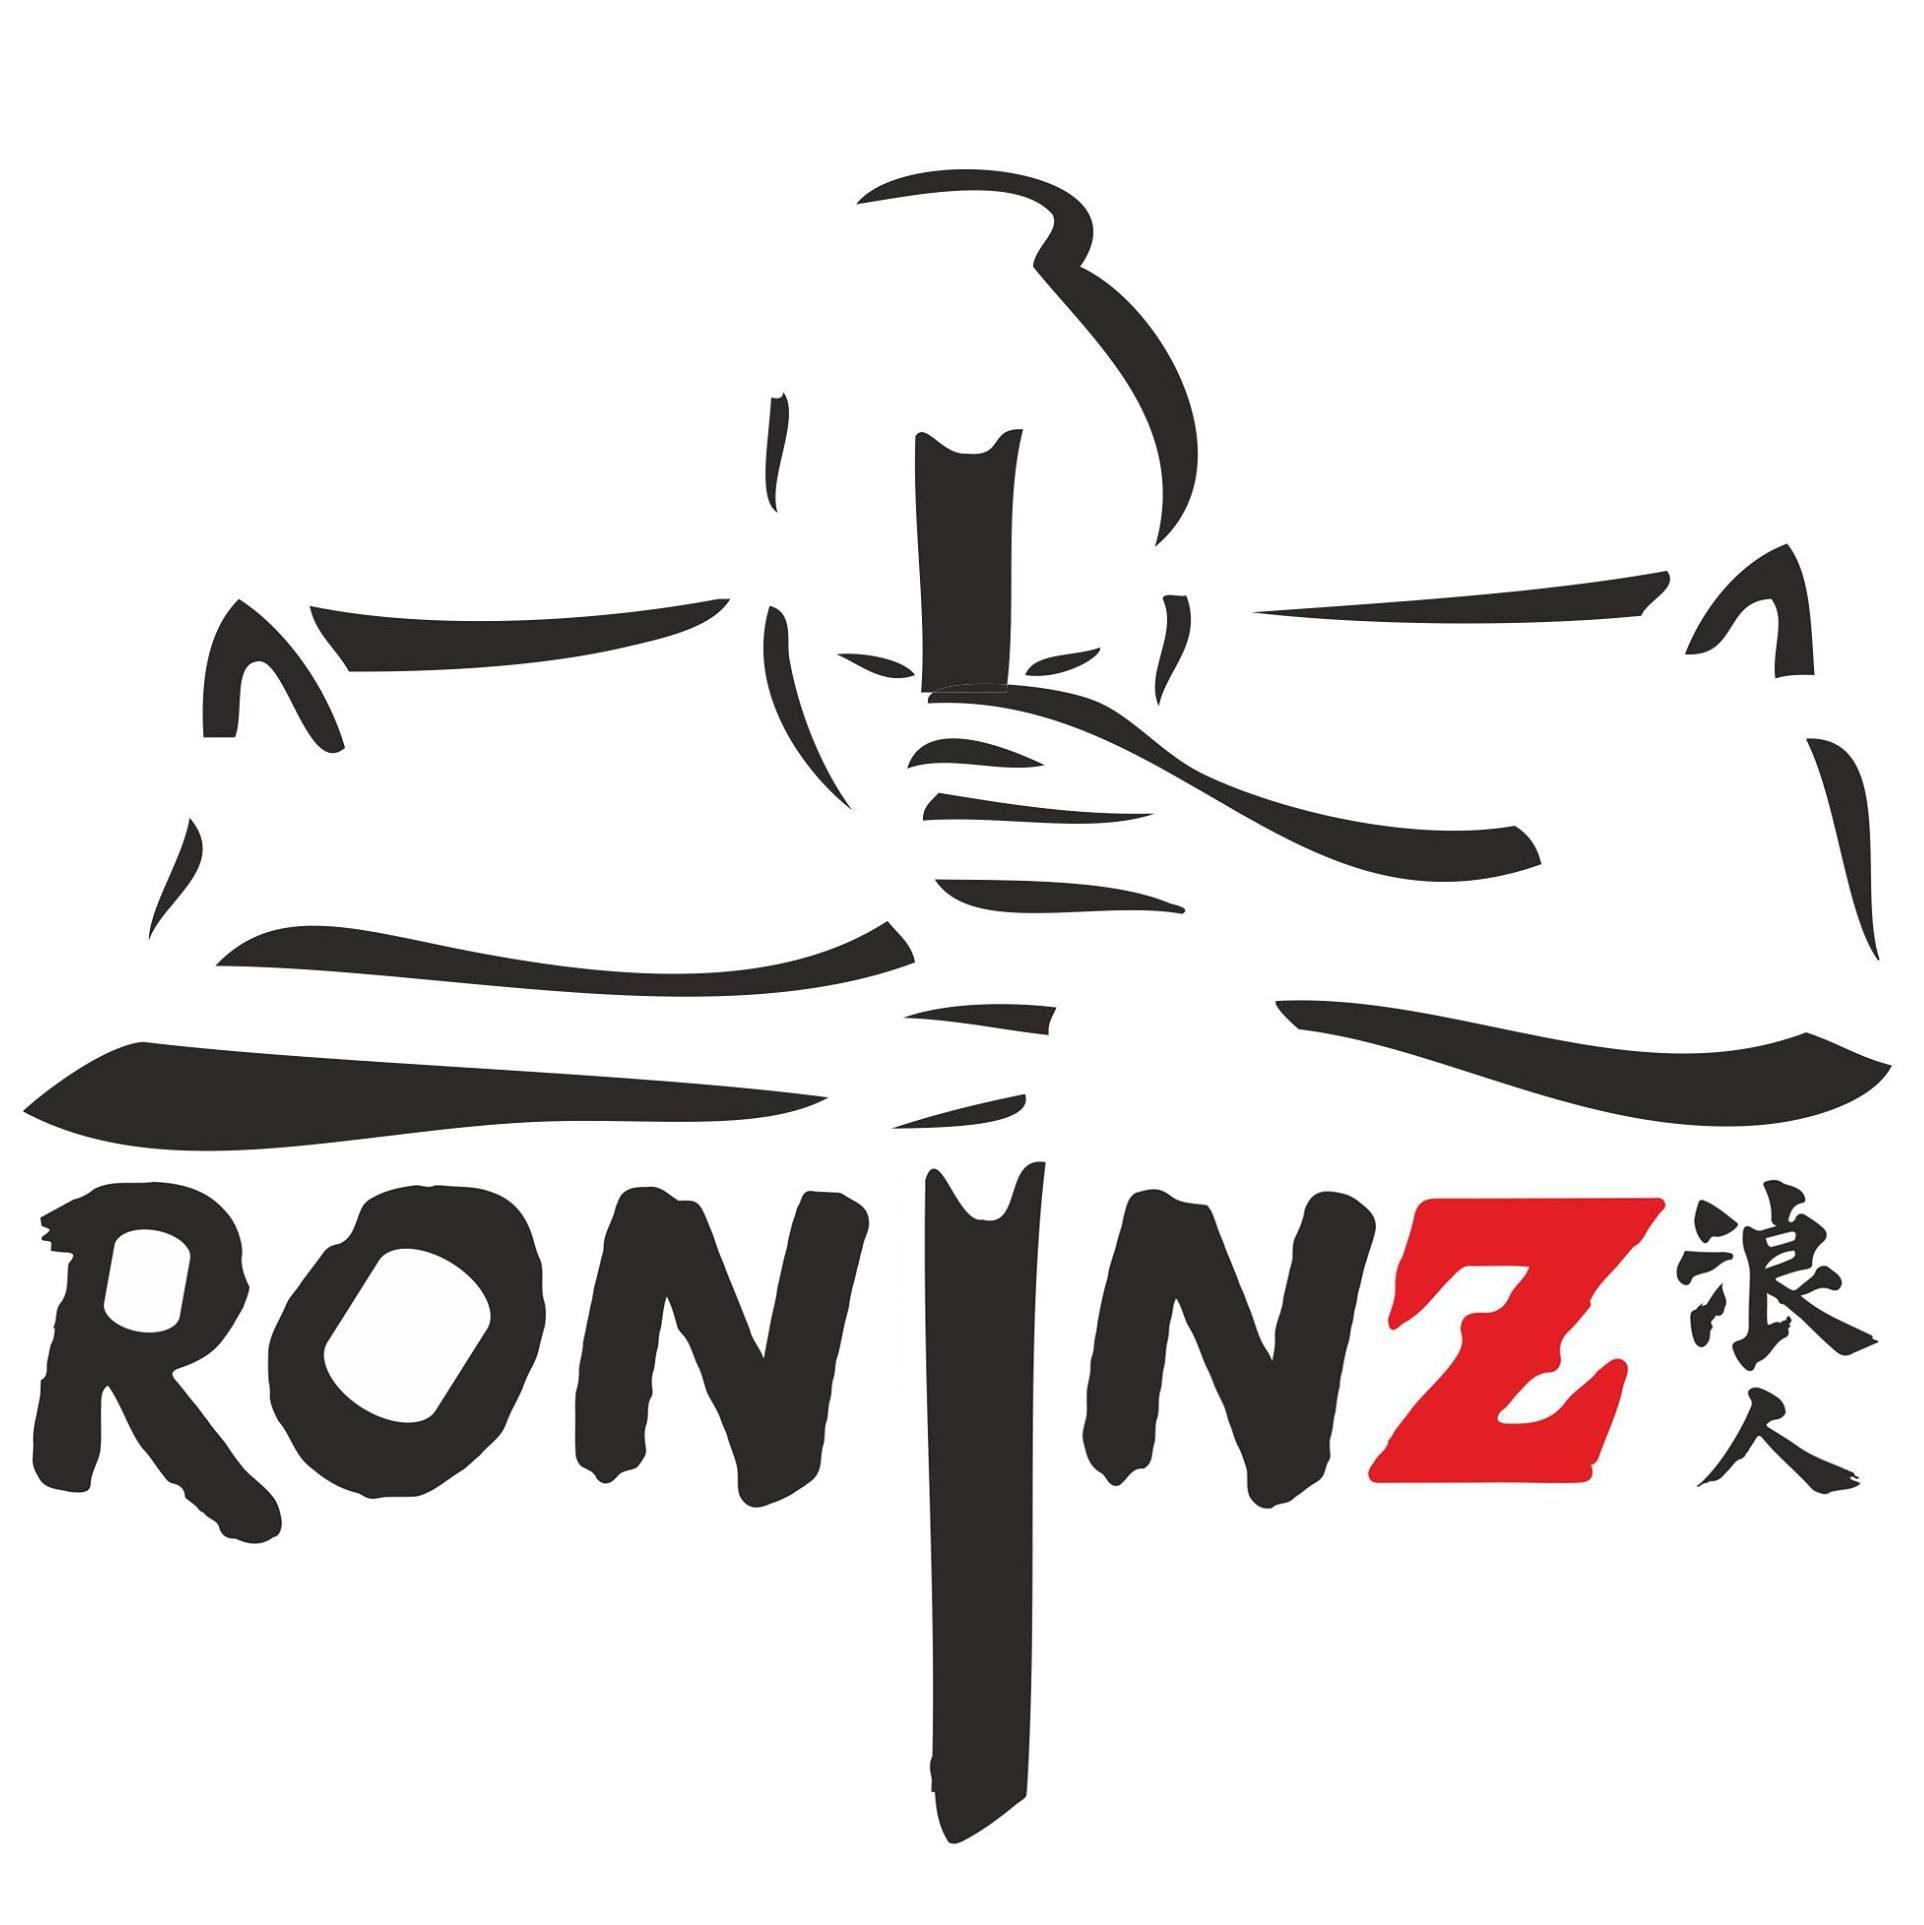 RoninZ